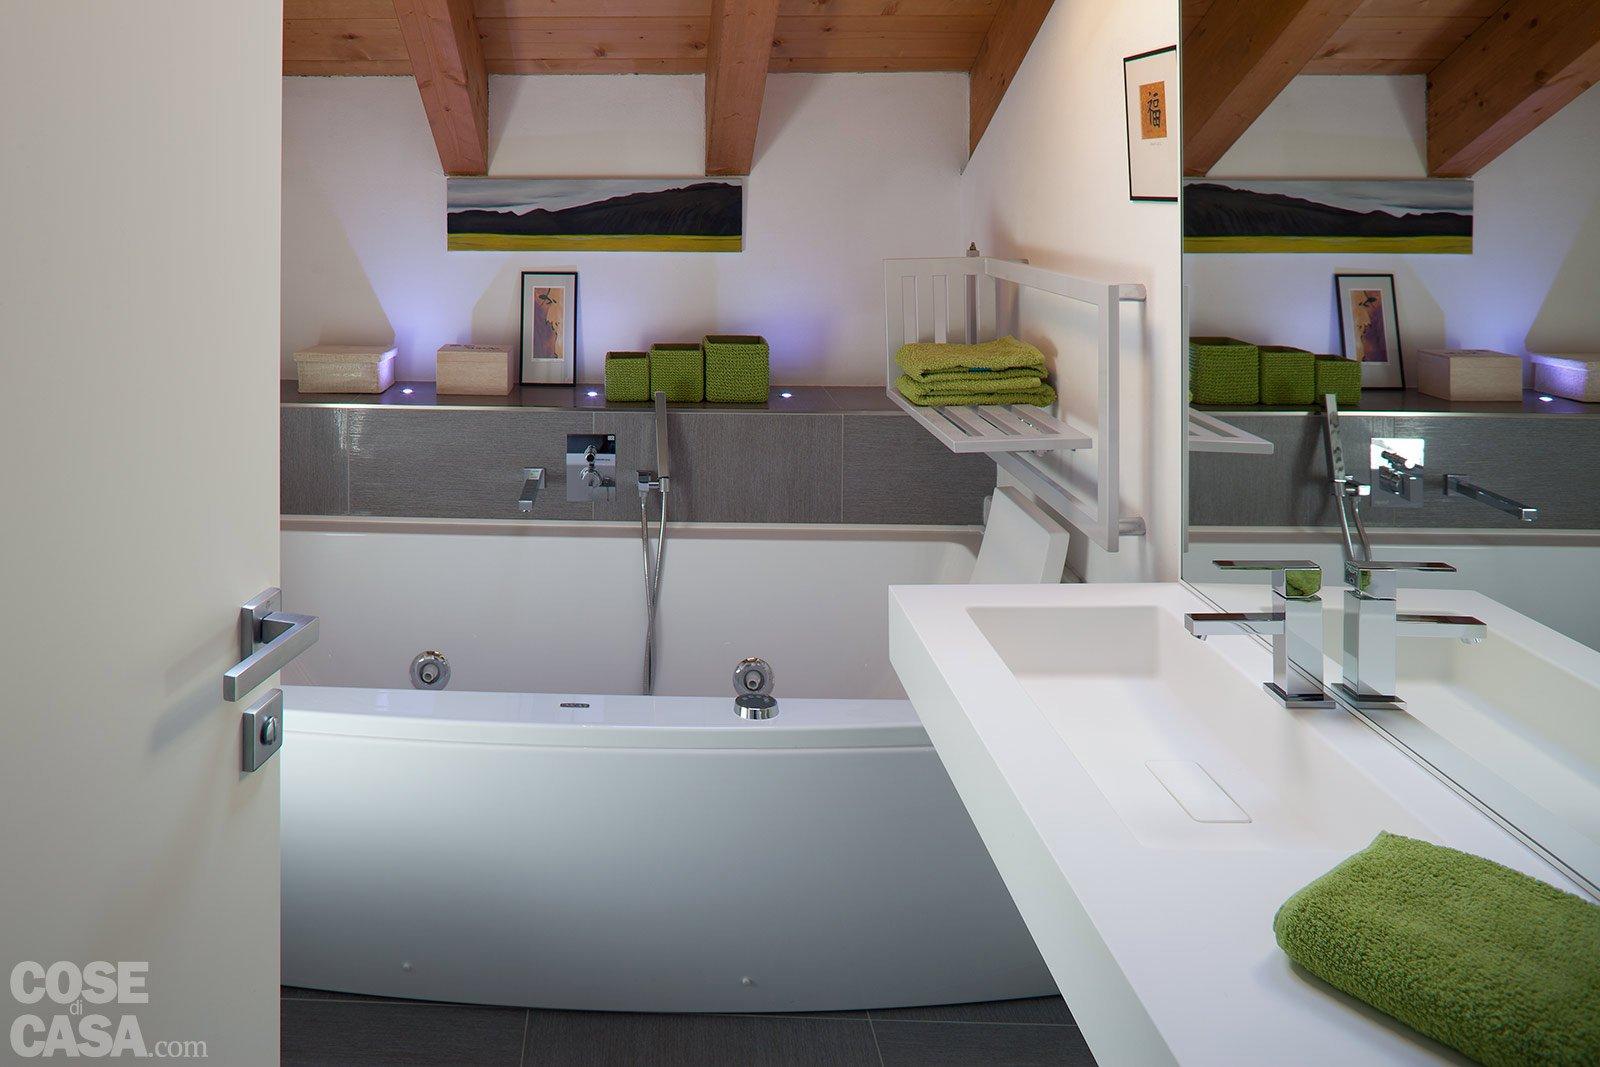 Copertura vasca da bagno ~ avienix.com for .